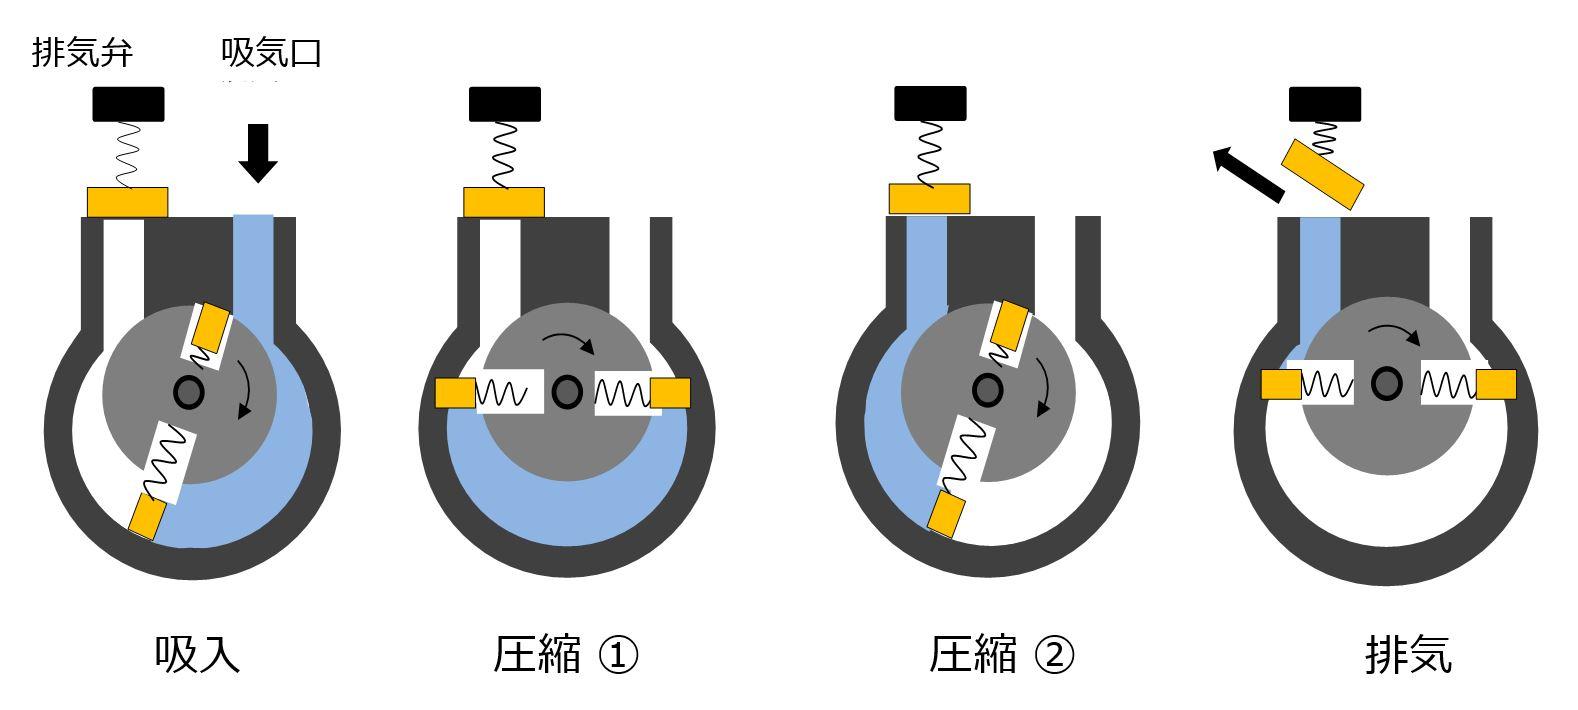 油回転式真空ポンプの概略図です。